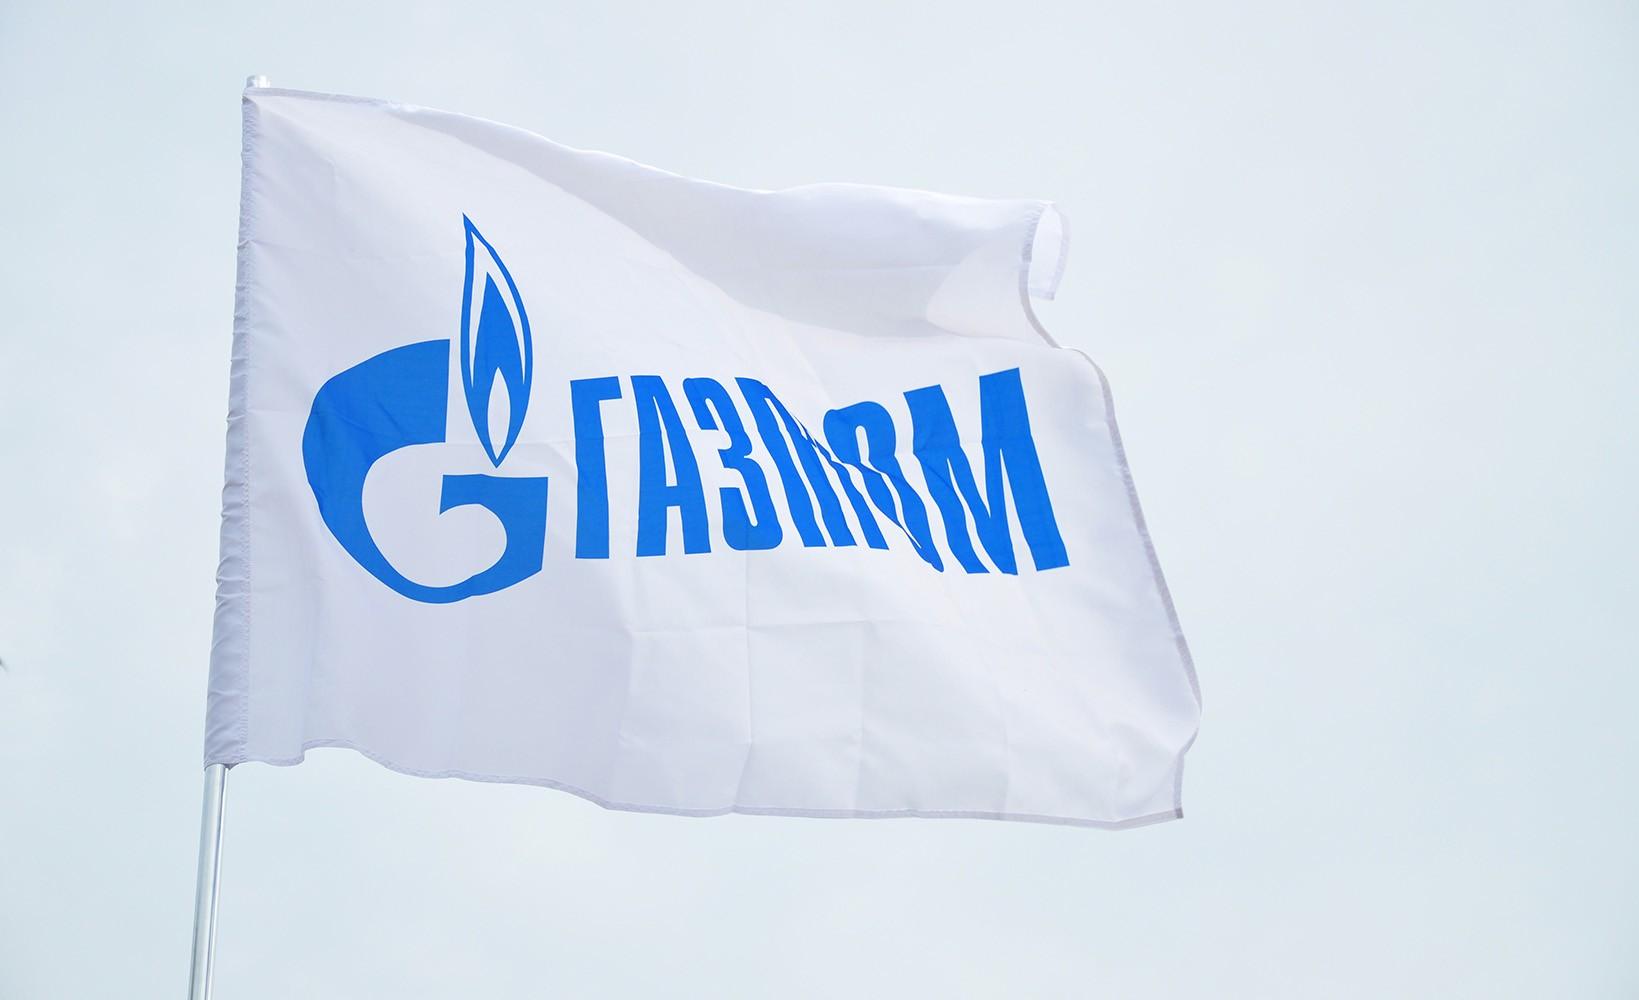 'Газпром по завышенной цене выкупил у ВЭБа 3,6% своих акций